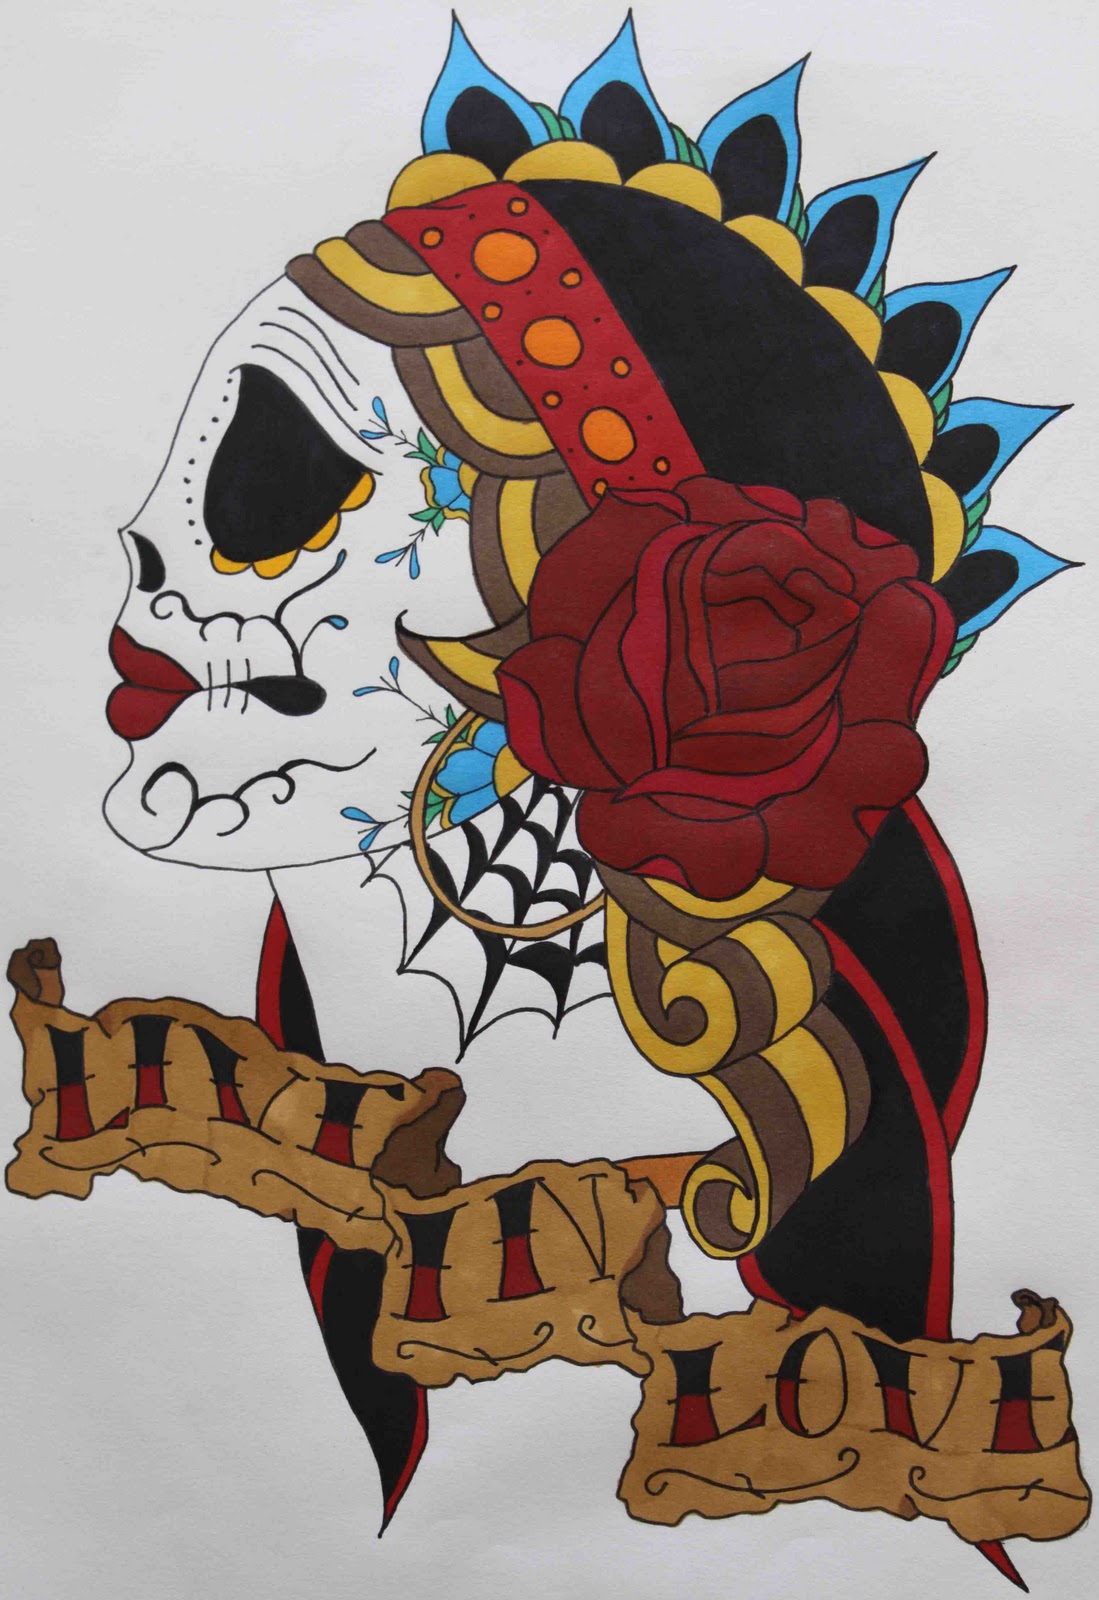 http://3.bp.blogspot.com/_dLncxA8UI50/TM4YLKWbjjI/AAAAAAAAAEM/xIISnRULo1w/s1600/Gypsy_Sugar_Skull_Tattoo_by_Crystal_Relyks.jpg